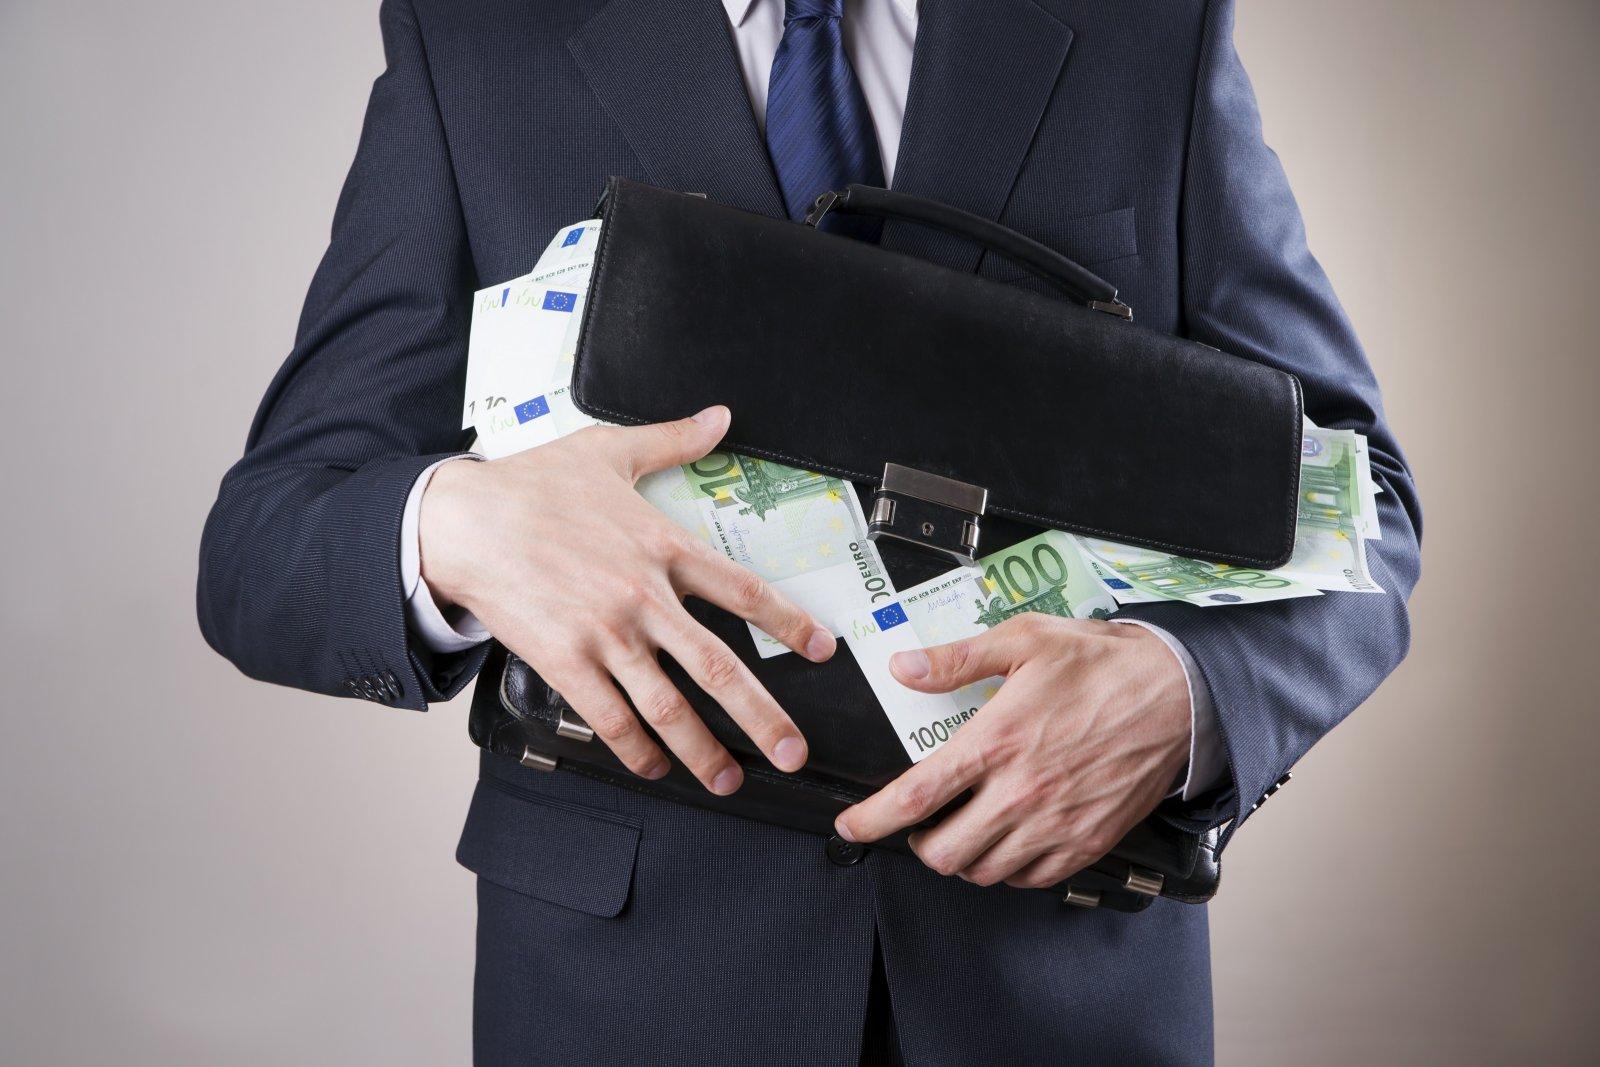 Riigikohus leidis, et 116 000 euro suurune laenumakse ei olnudki kingitus ärimehele